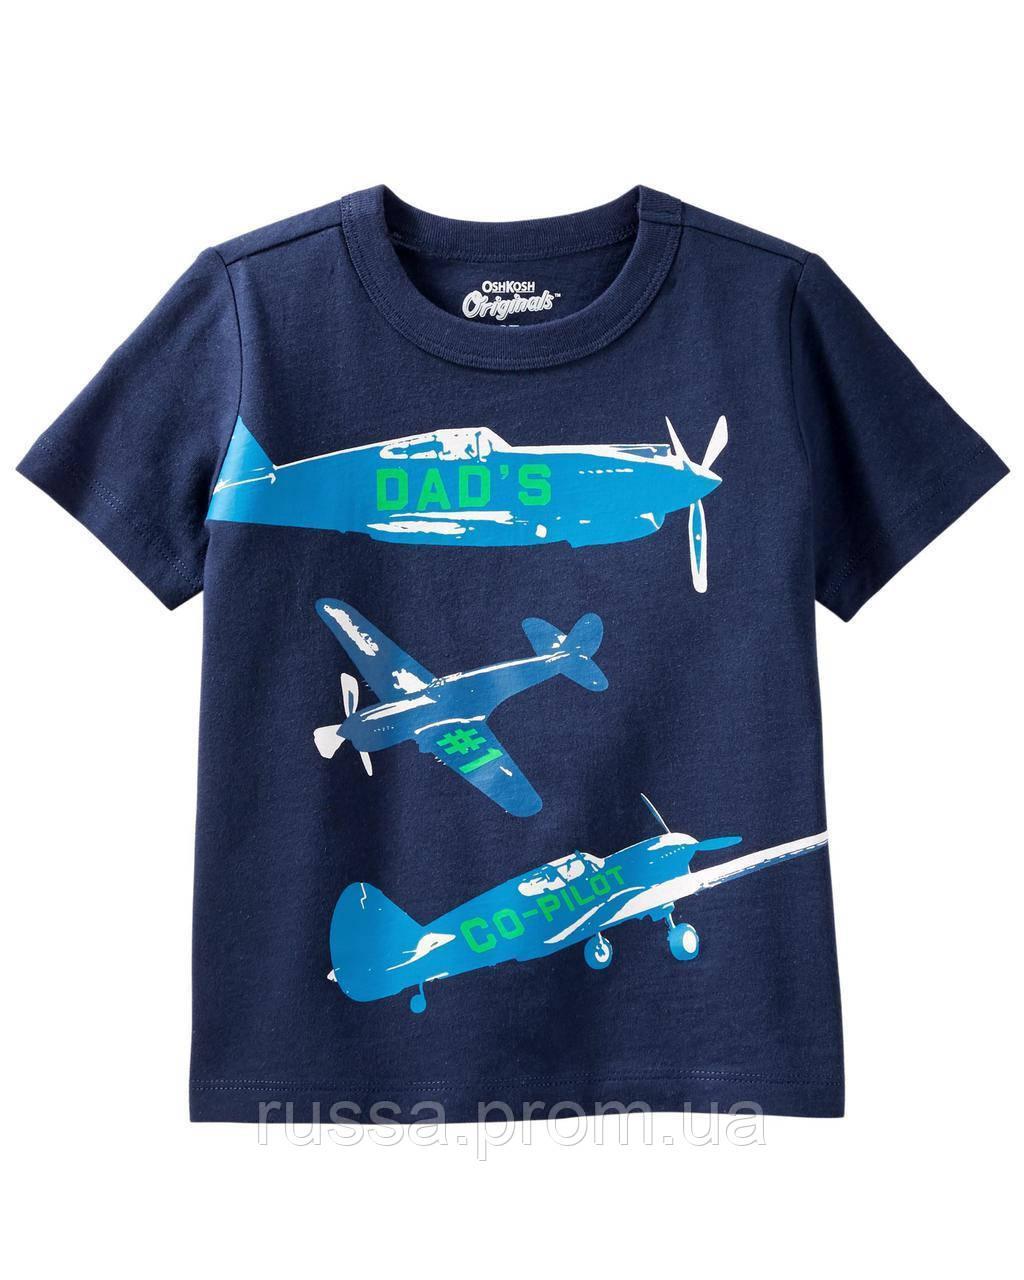 Детская темно-синяя футболка с самолетами OшКош для мальчика